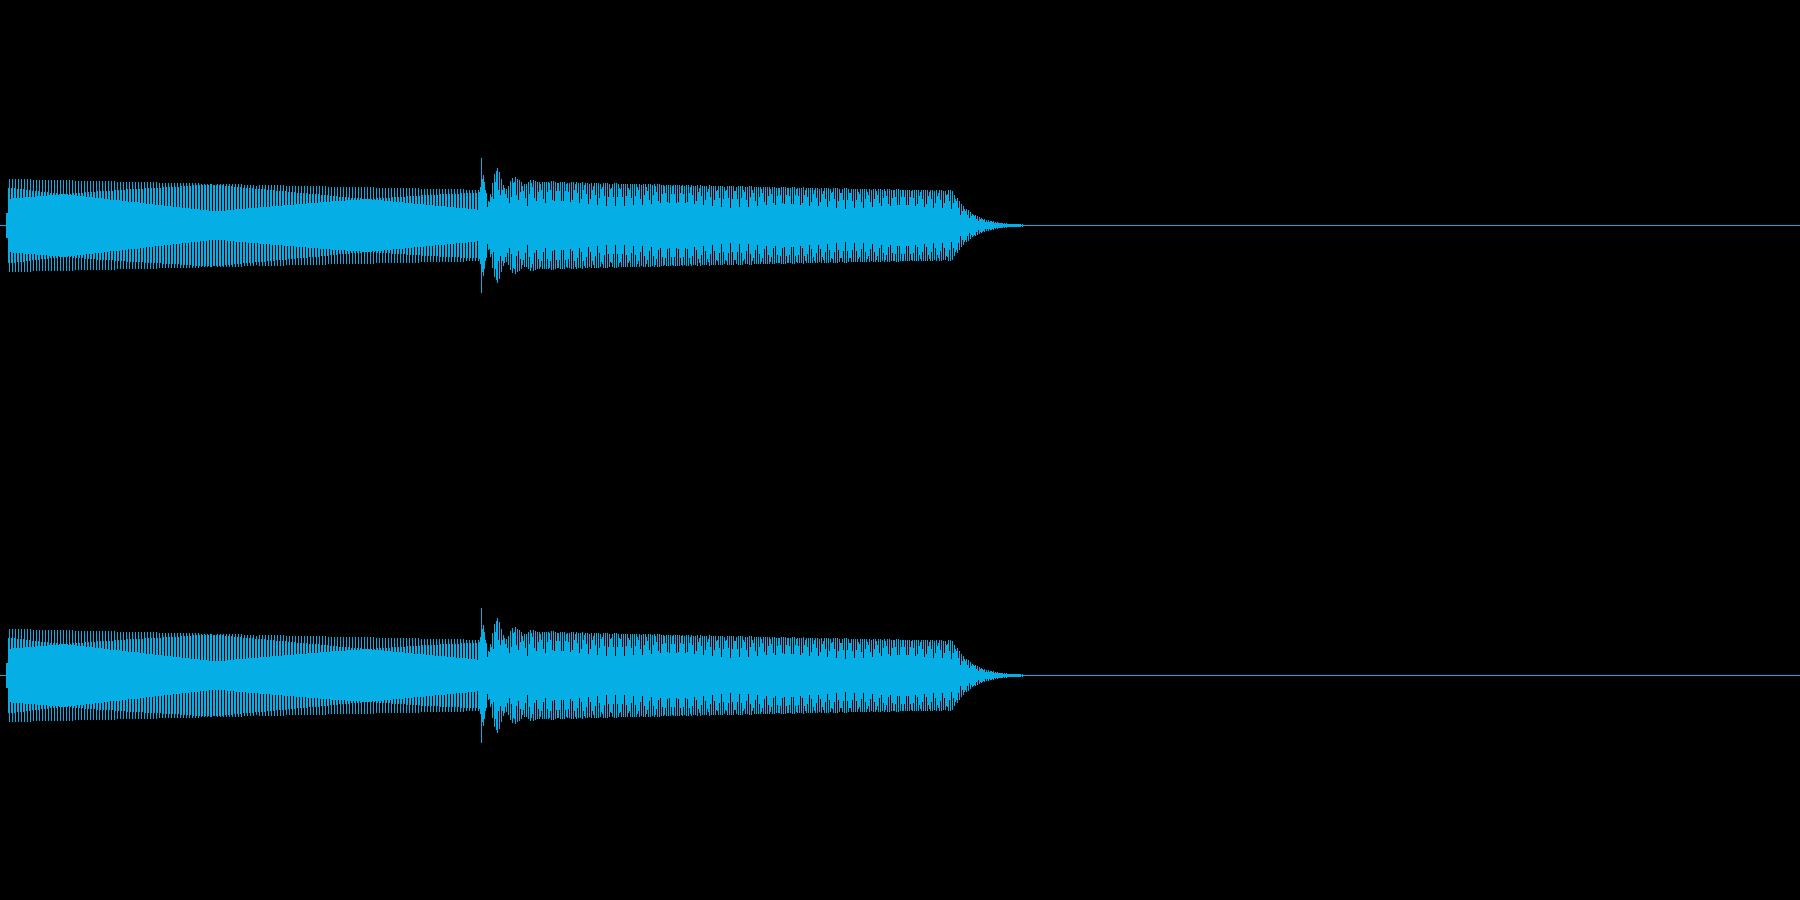 ピコンと鳴る電子音の再生済みの波形